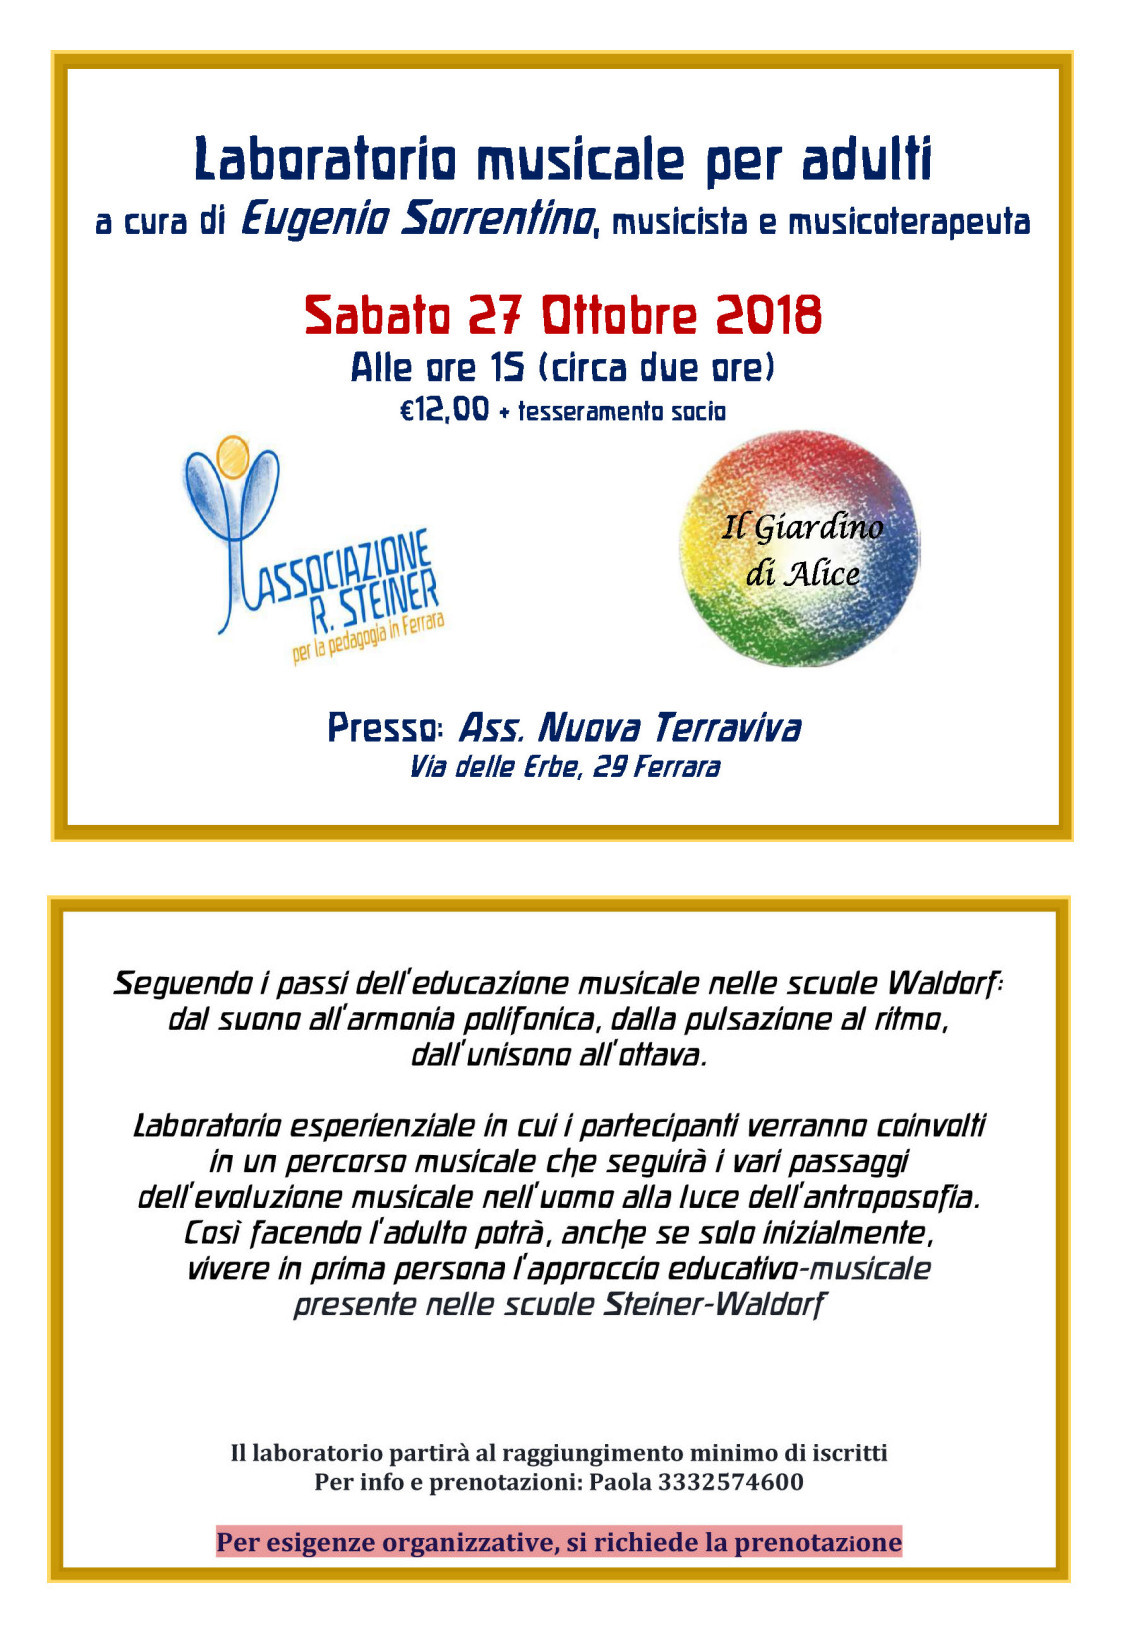 Laboratorio musicale per adulti @ Associazione Nuova Terraviva | Ferrara | Emilia-Romagna | Italia